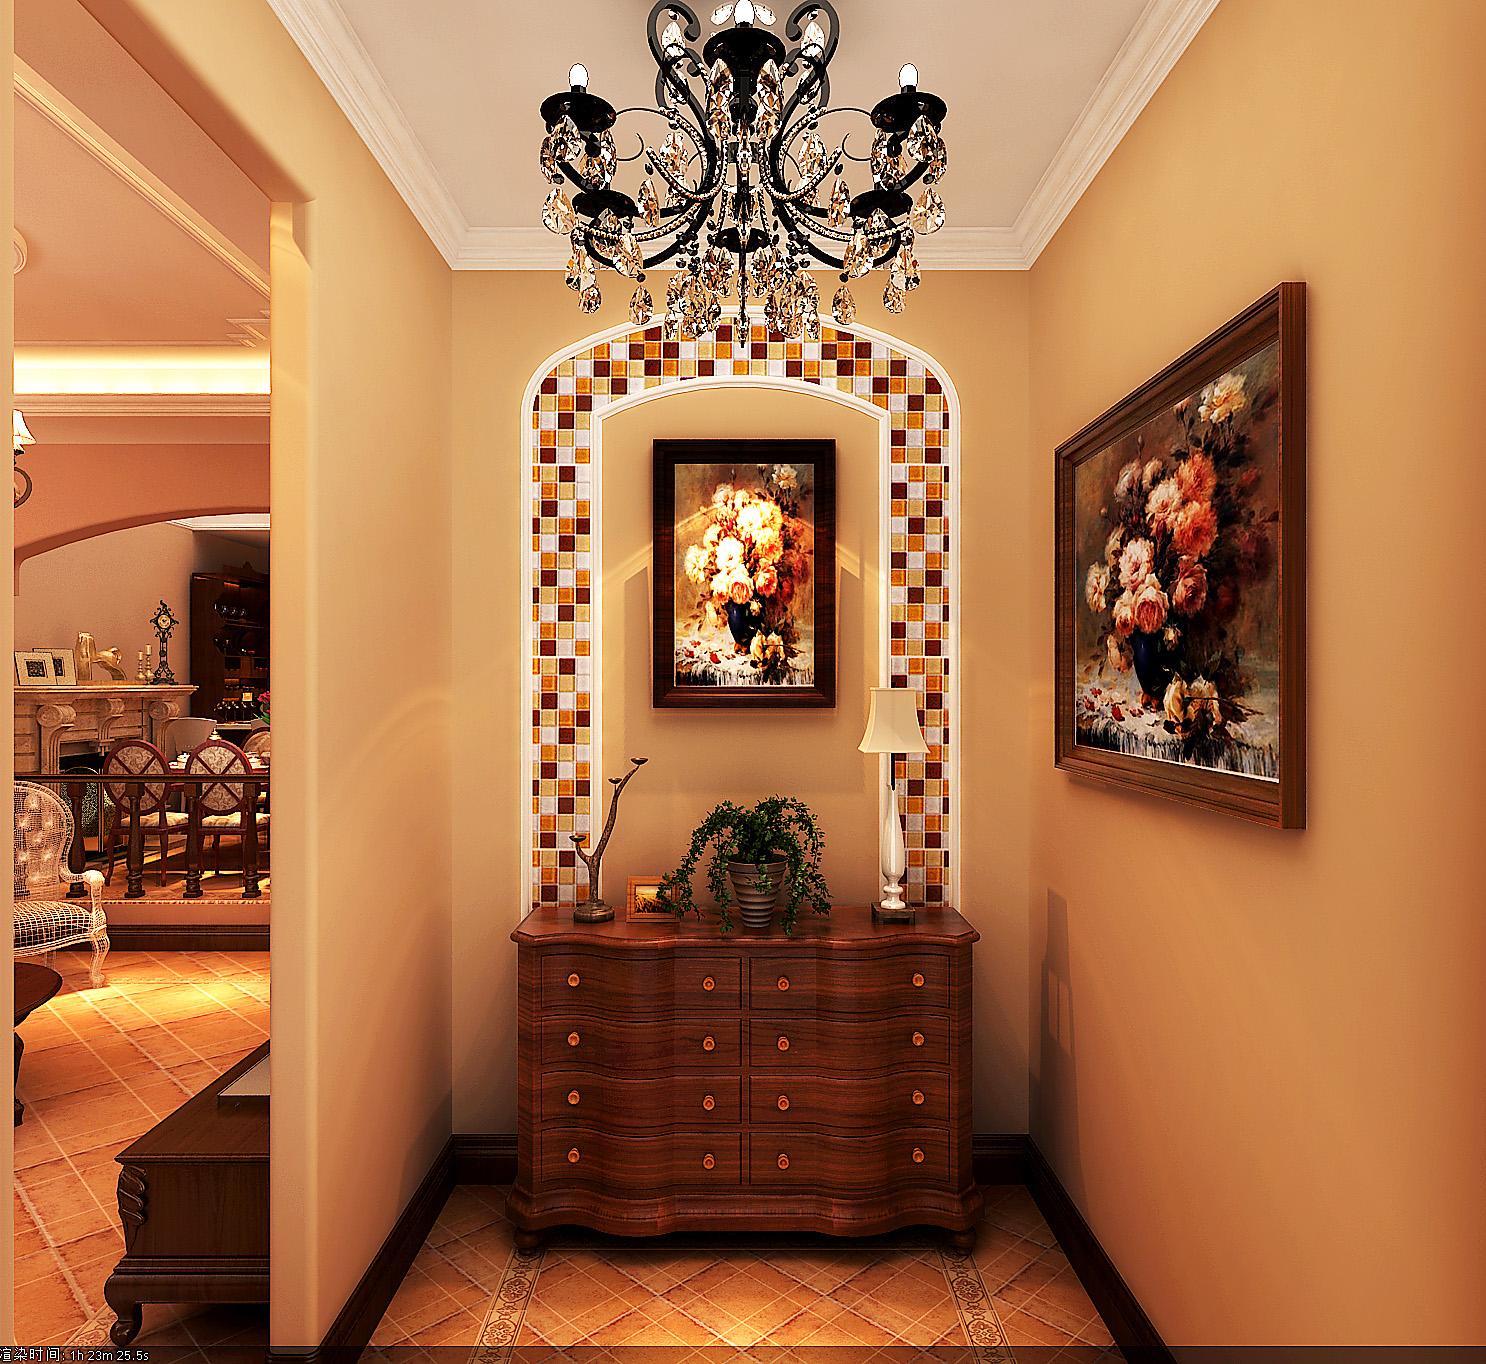 欧式 别墅 玄关图片来自北京今朝装饰刘在首创国际半岛欧式装饰设计的分享